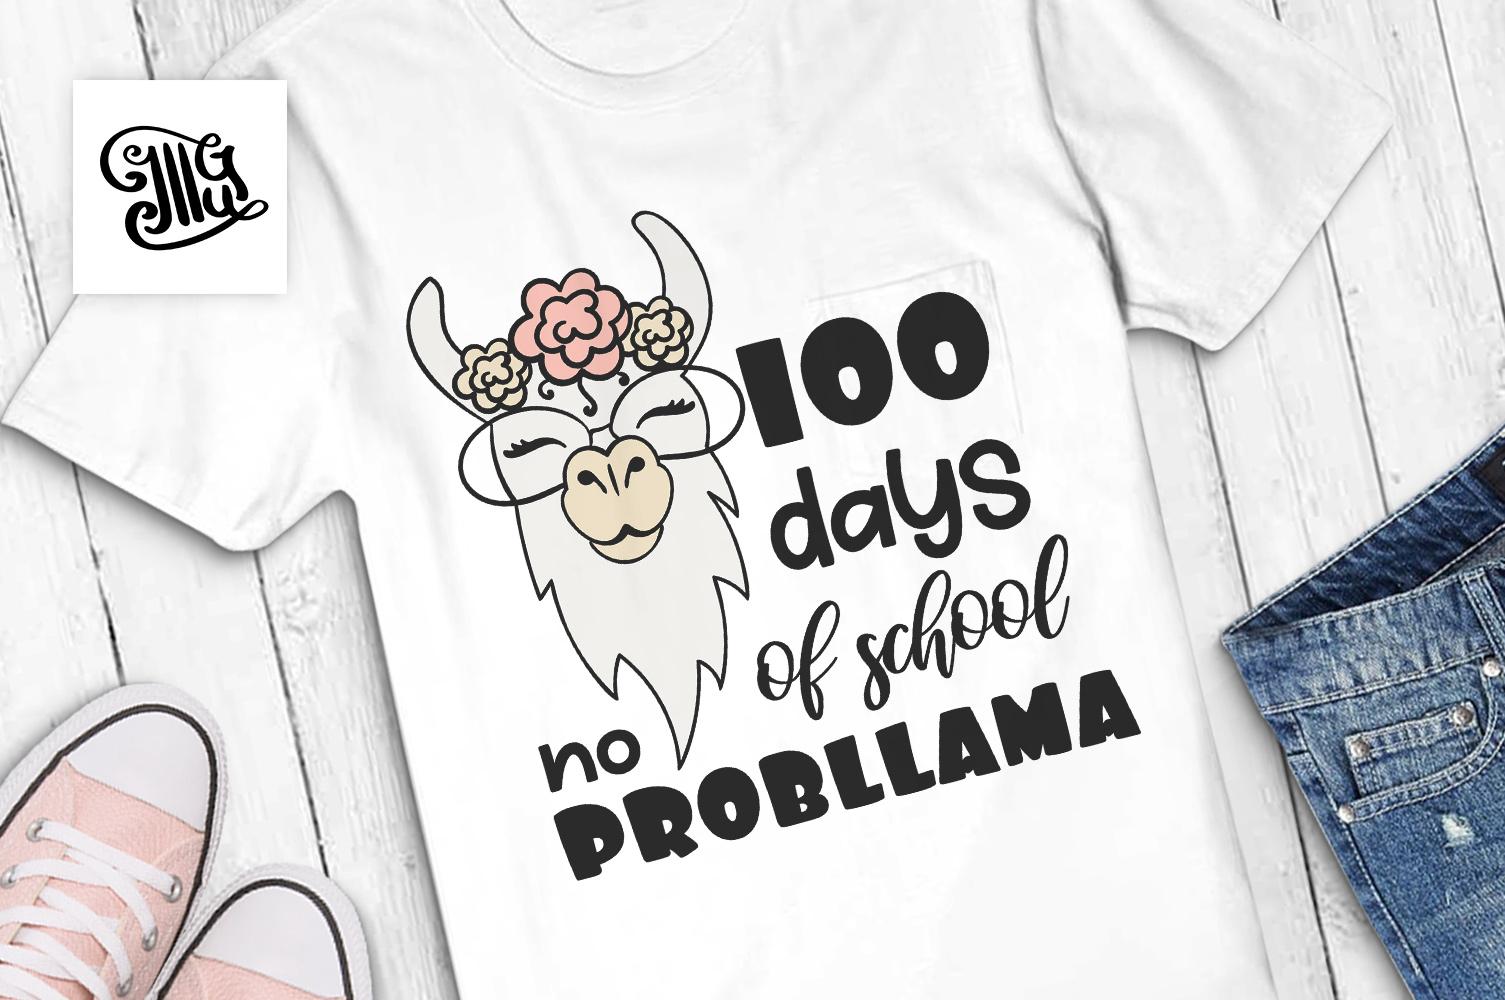 100 days of school no probllama svg example image 1